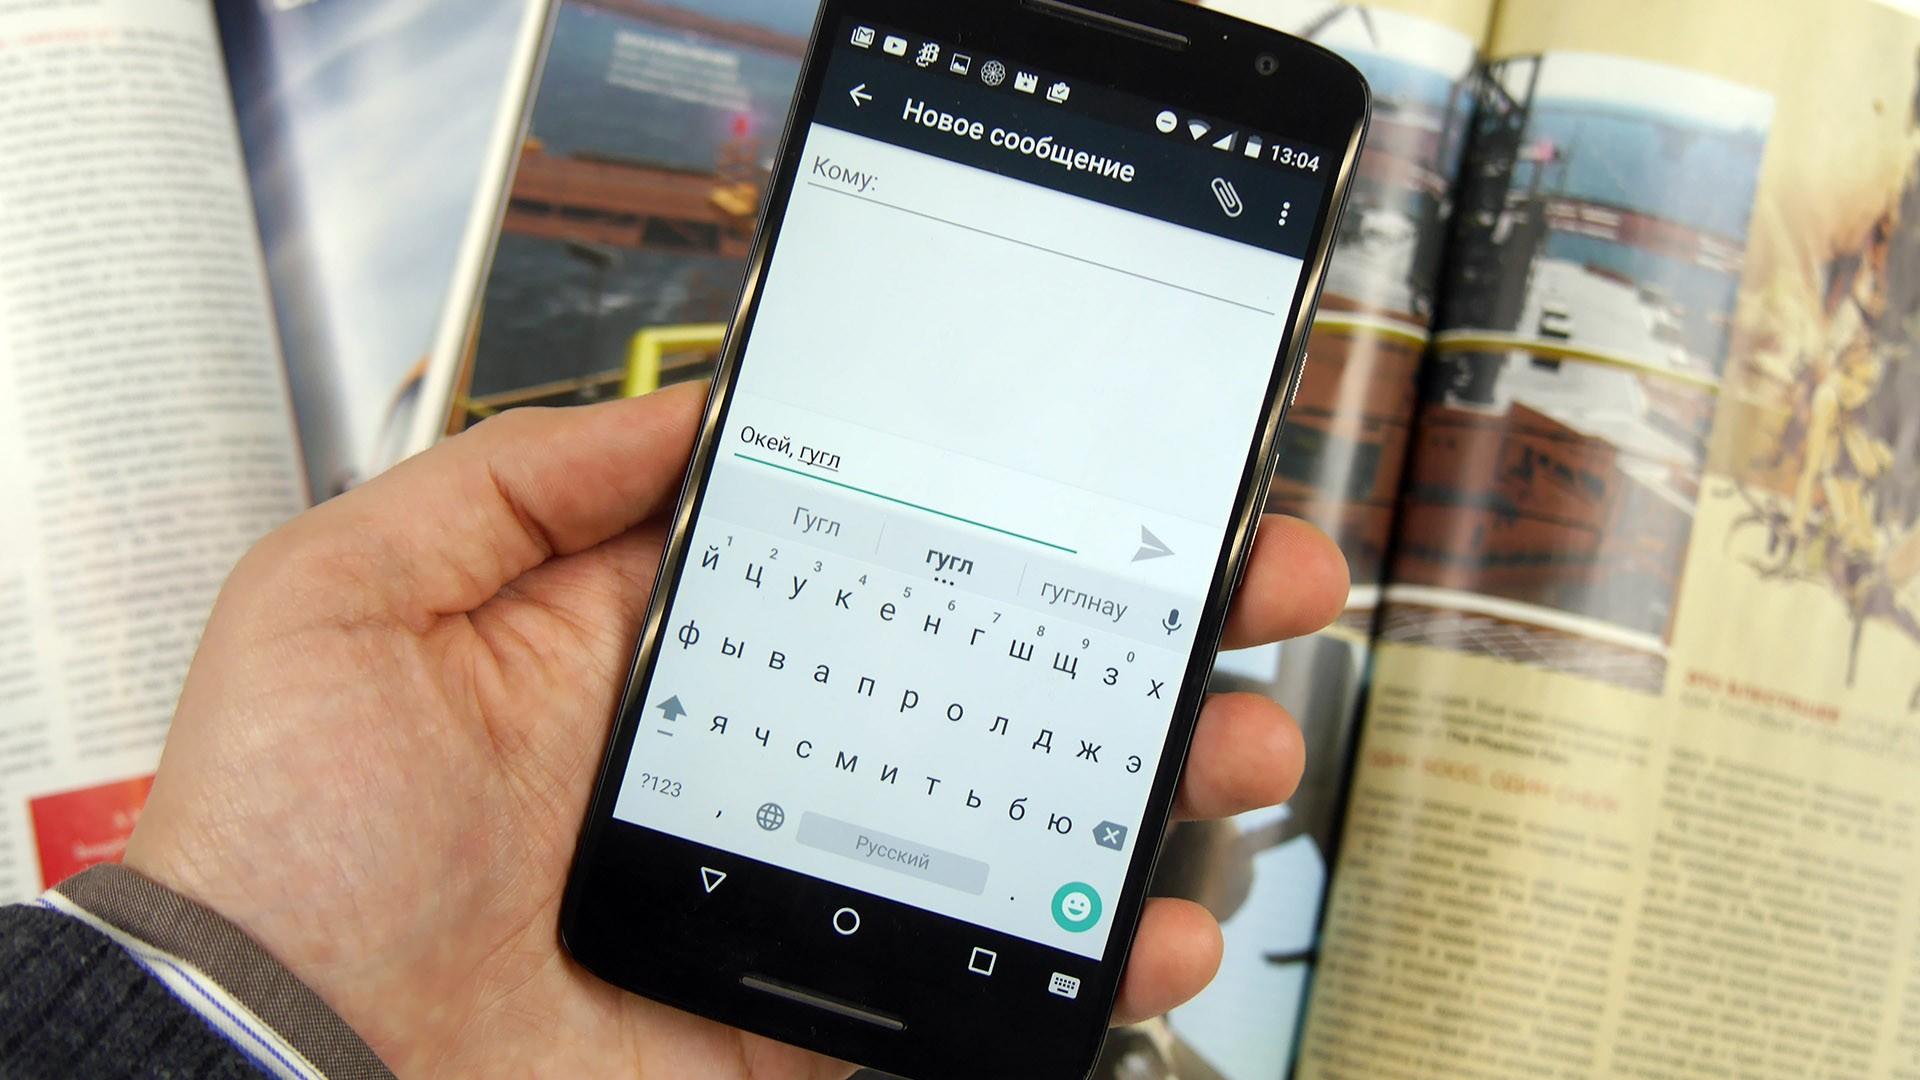 Смс про бурную фантазию, Для неелучших эротических sms-посланий 1 фотография